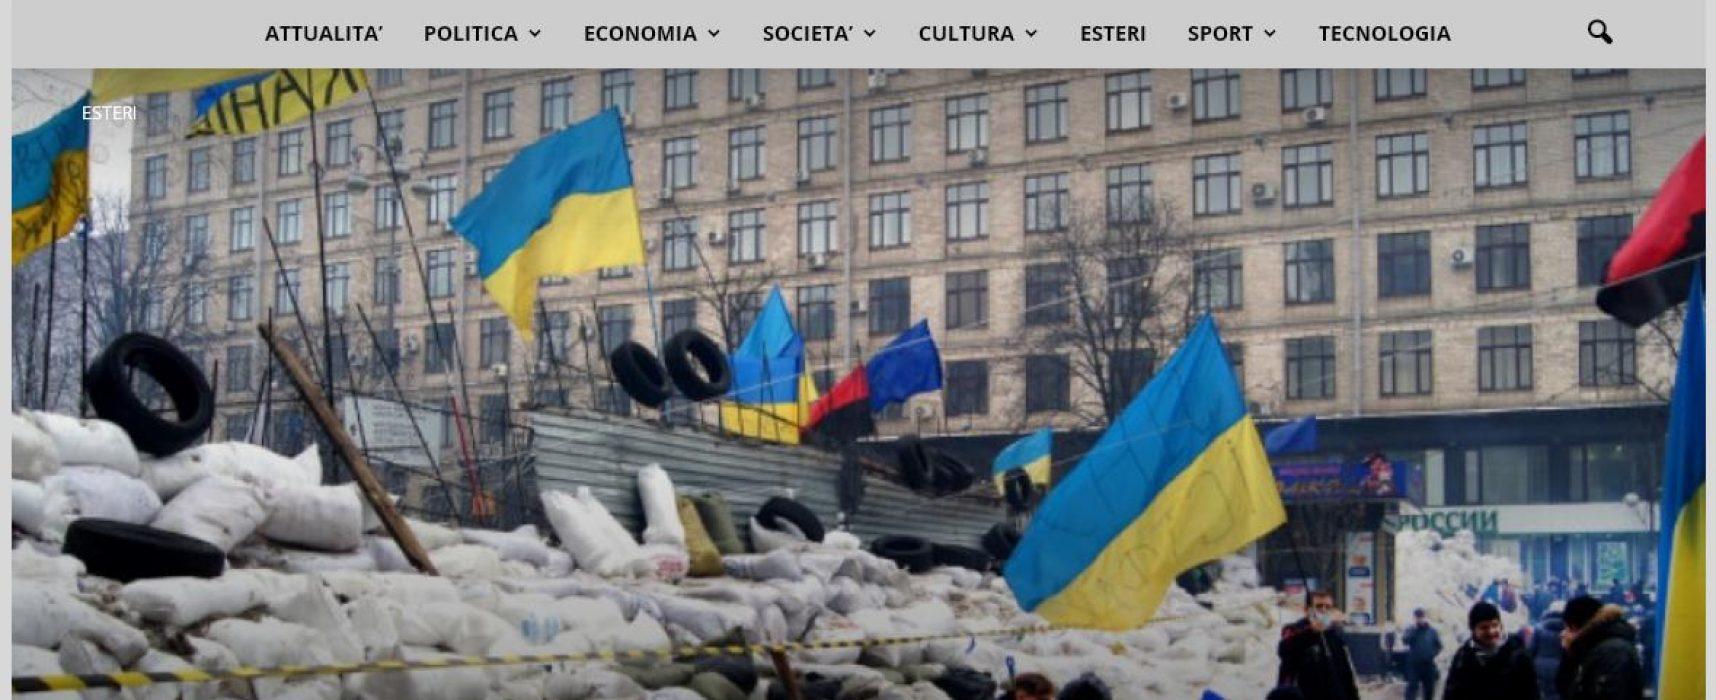 In Ucraina vogliono espellere gli Ebrei (FAKE)